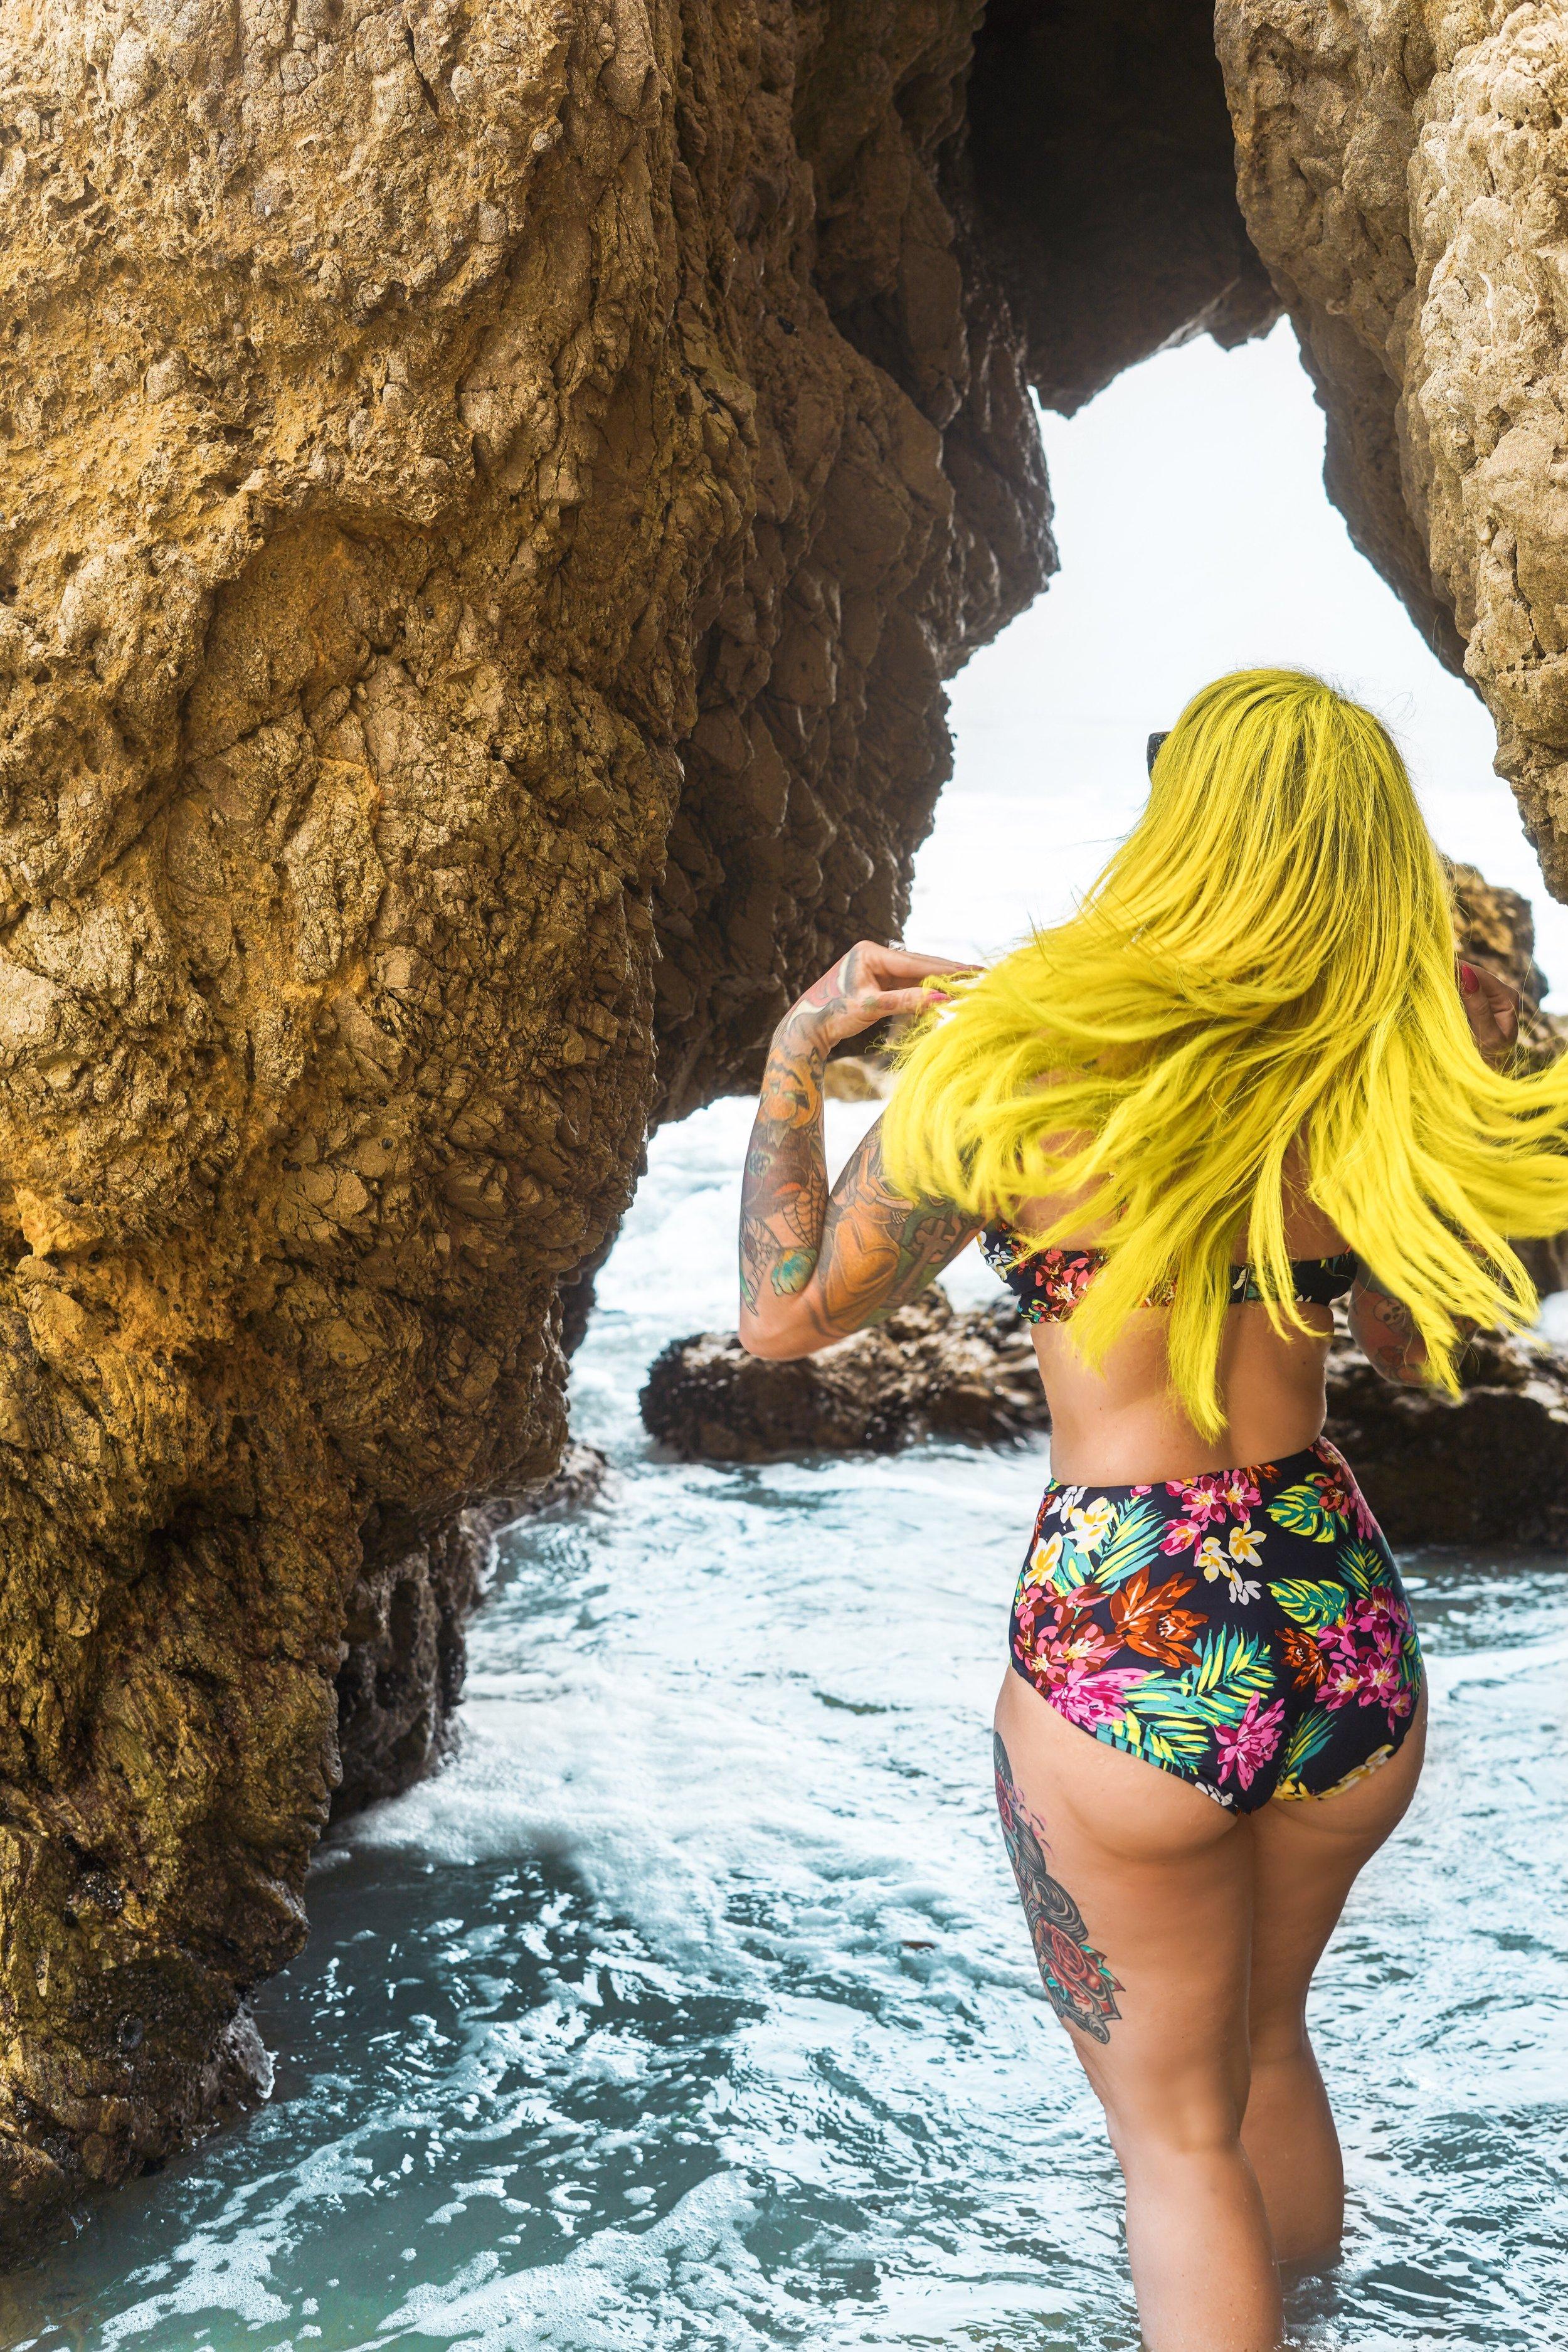 EL Matador Beach-Malibu California-The Chaos Collective